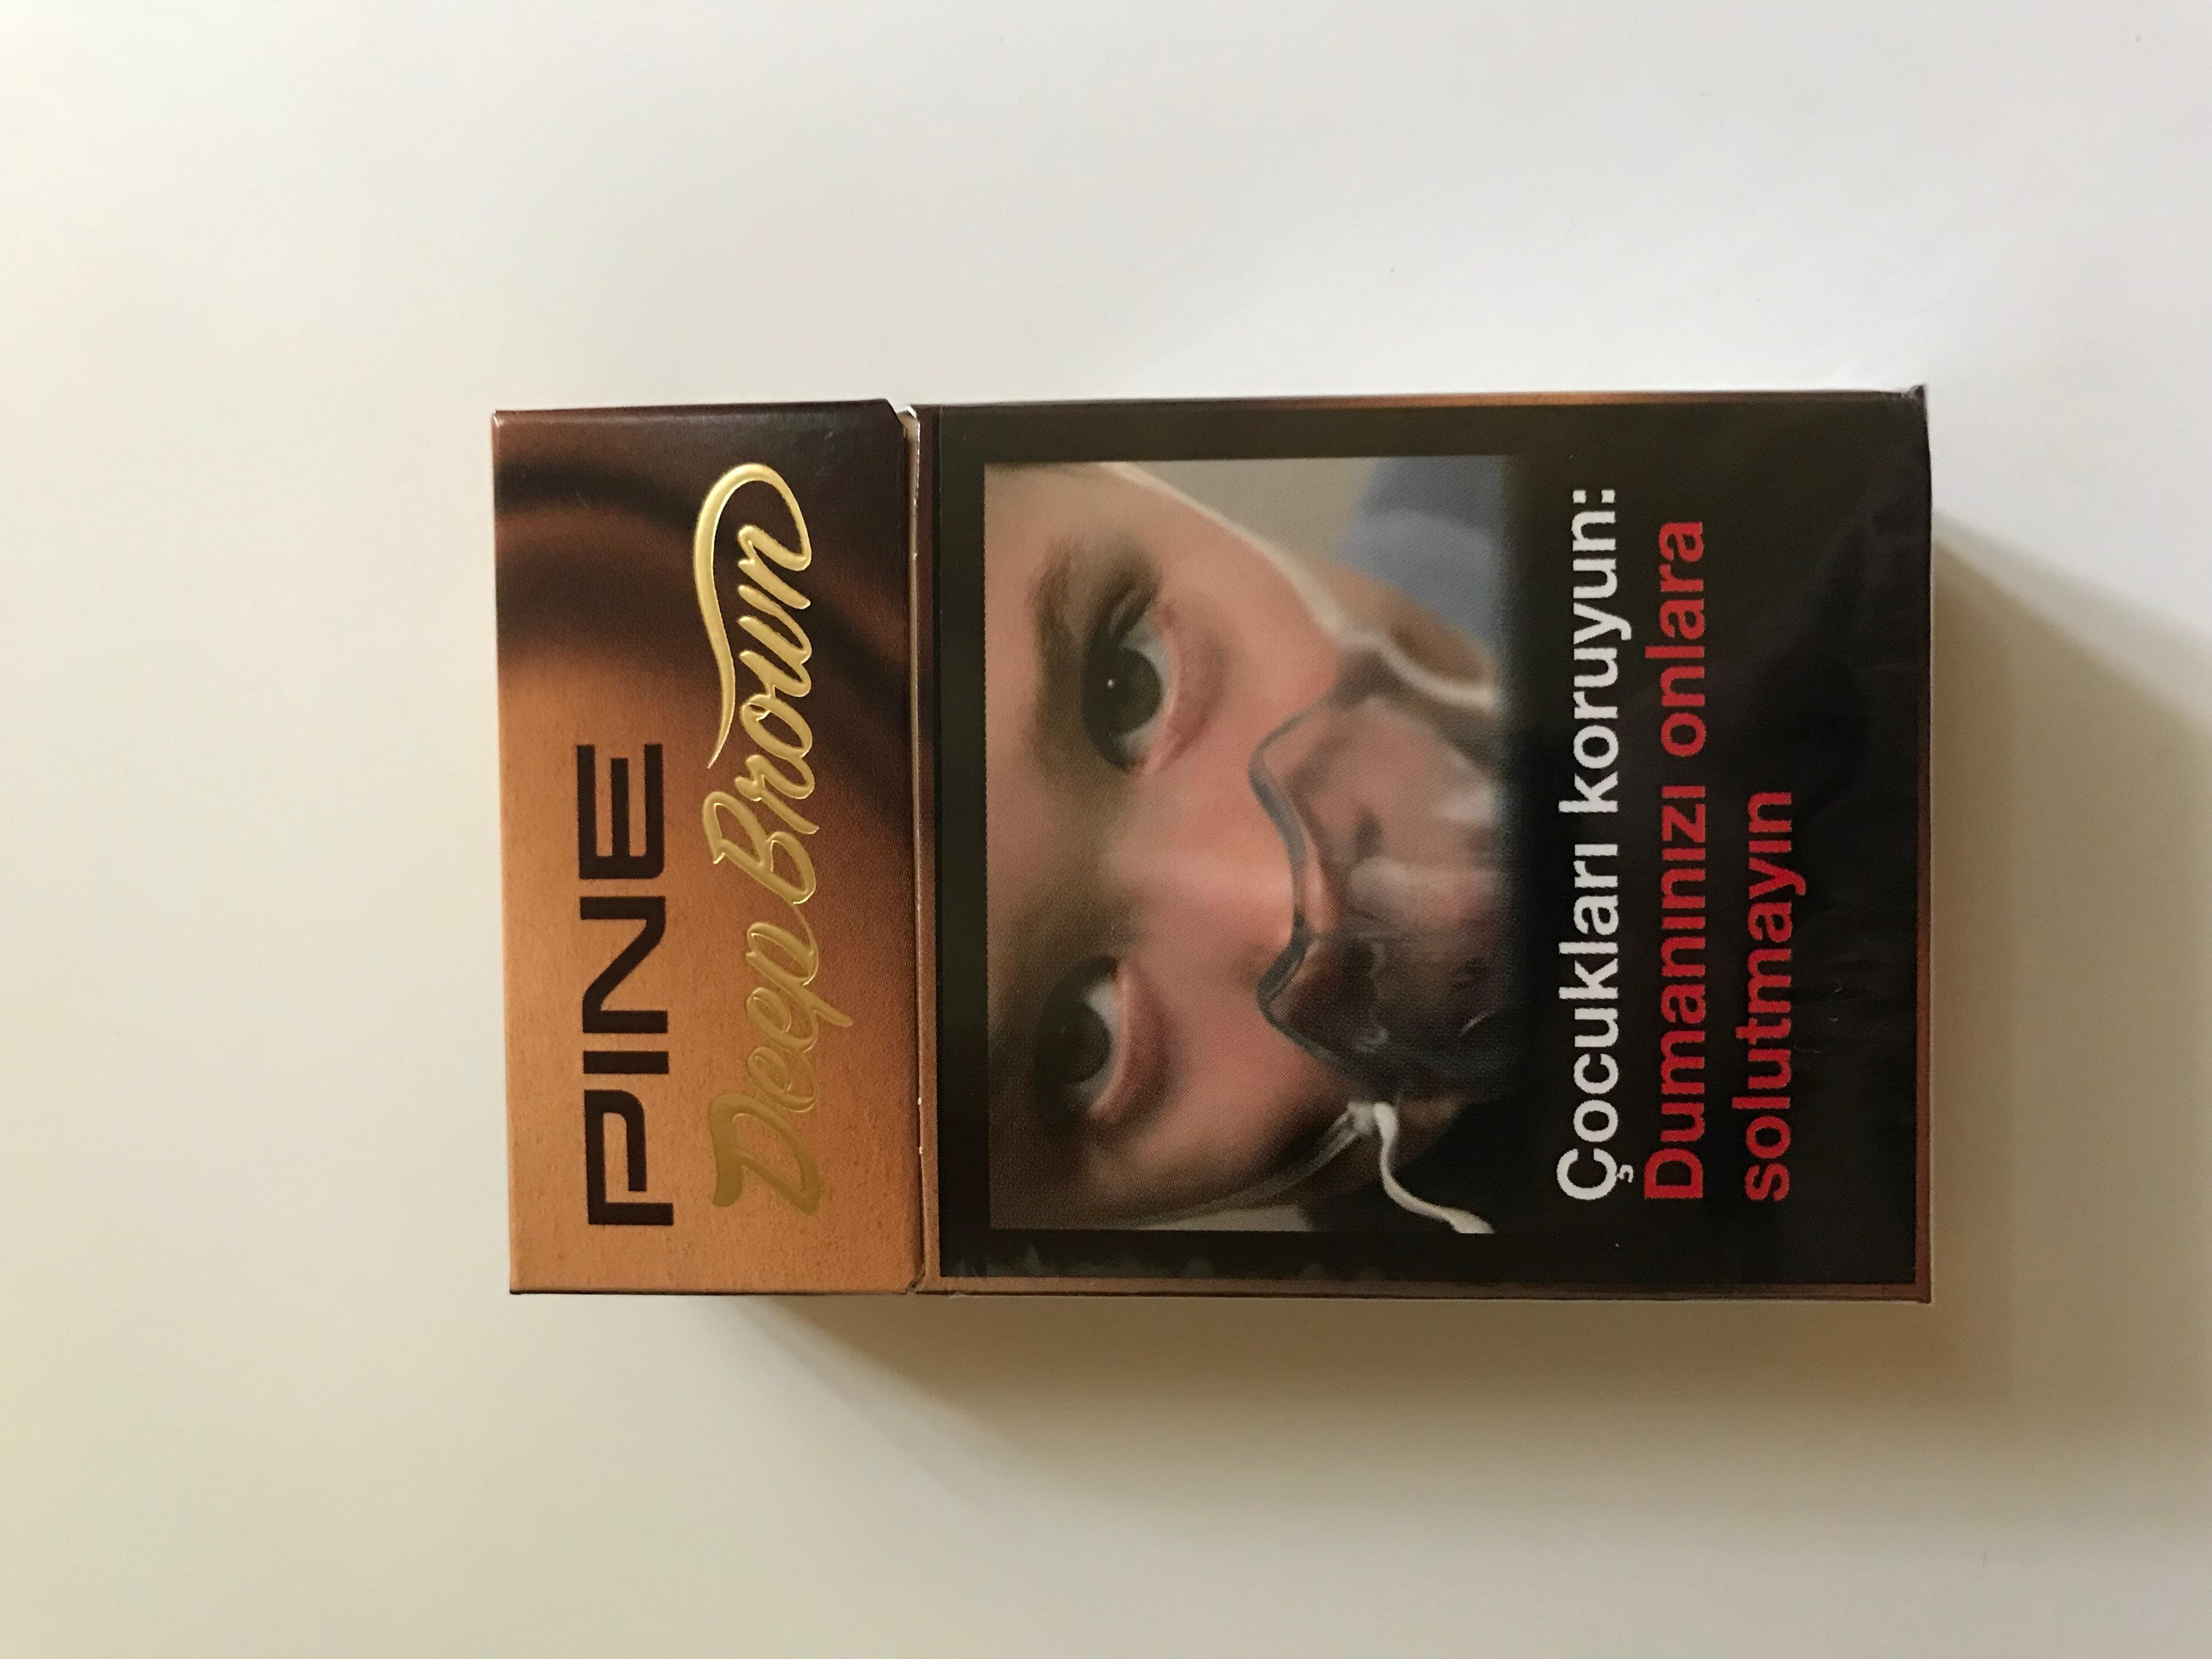 Batı sigaraları nedir